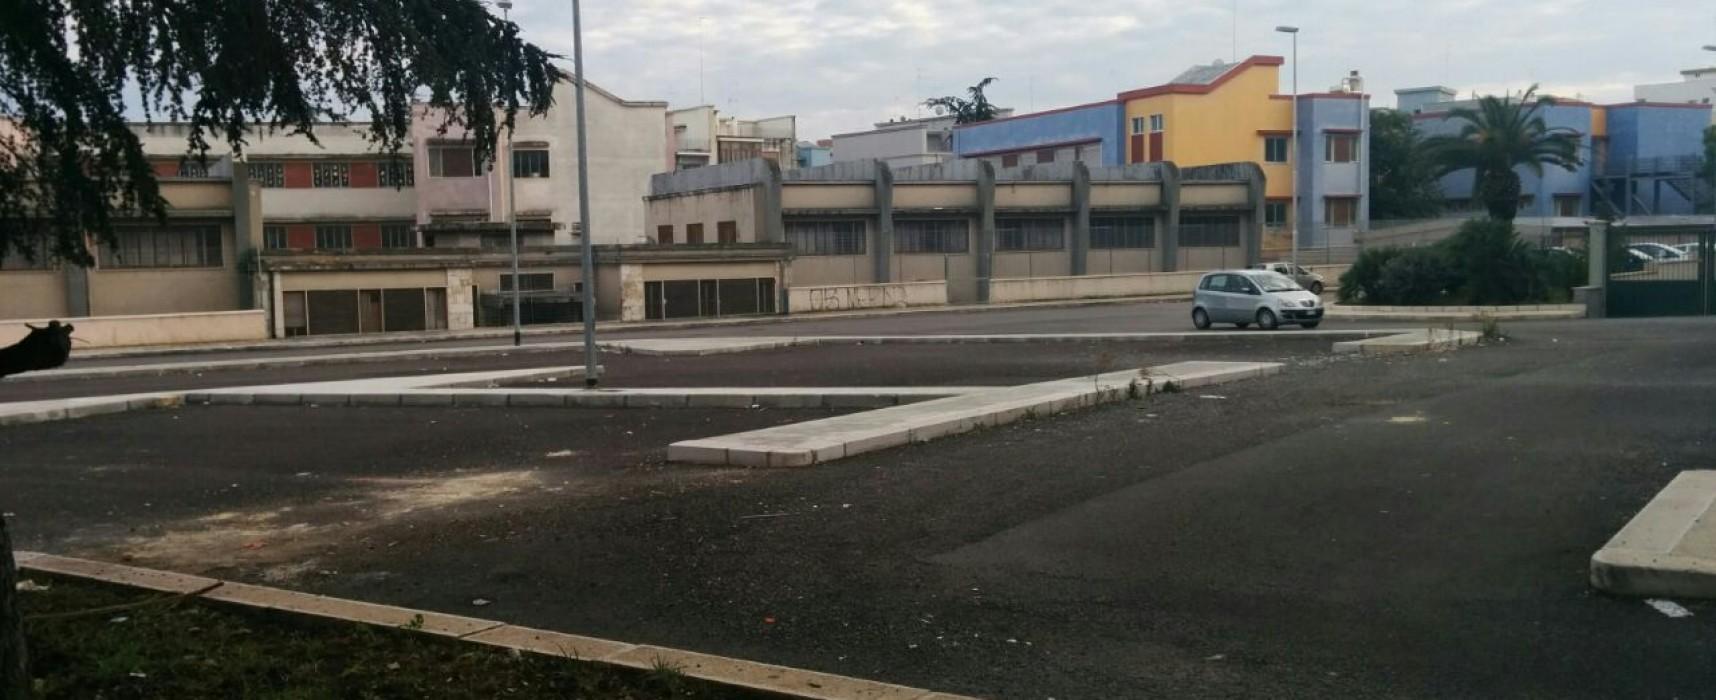 Rimossa la pericolosa impalcatura con cui giocavano i bambini nel quartiere San Pietro